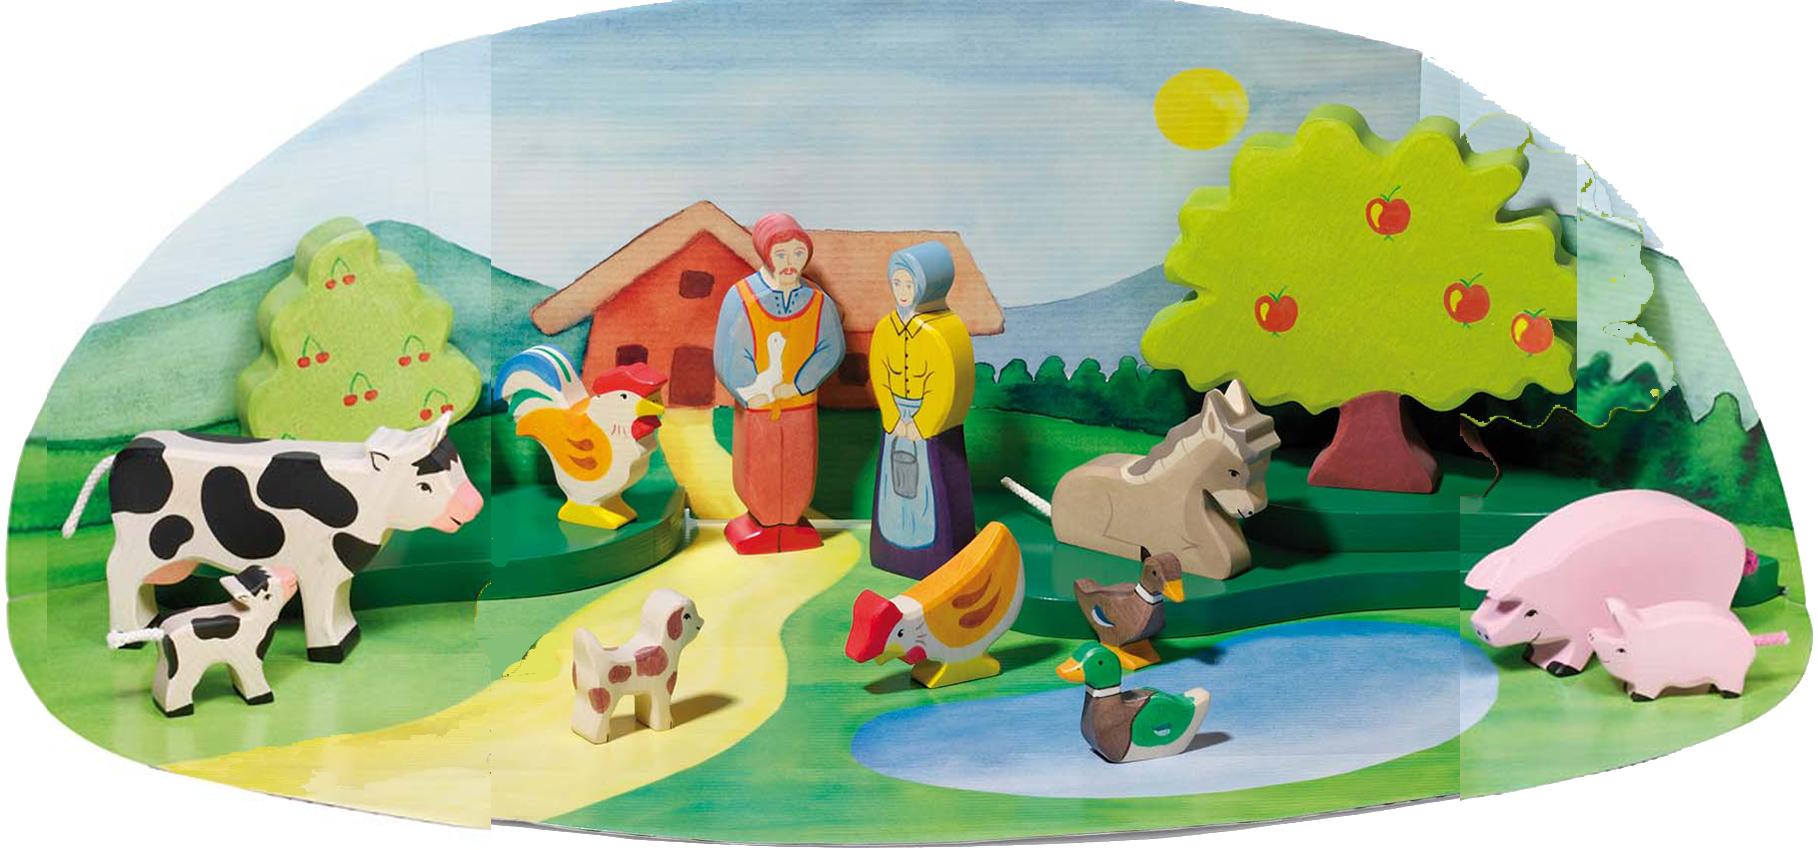 Une idée de cadeau anniversaire : les jouets en bois & animaux de la ferme  Holztiger